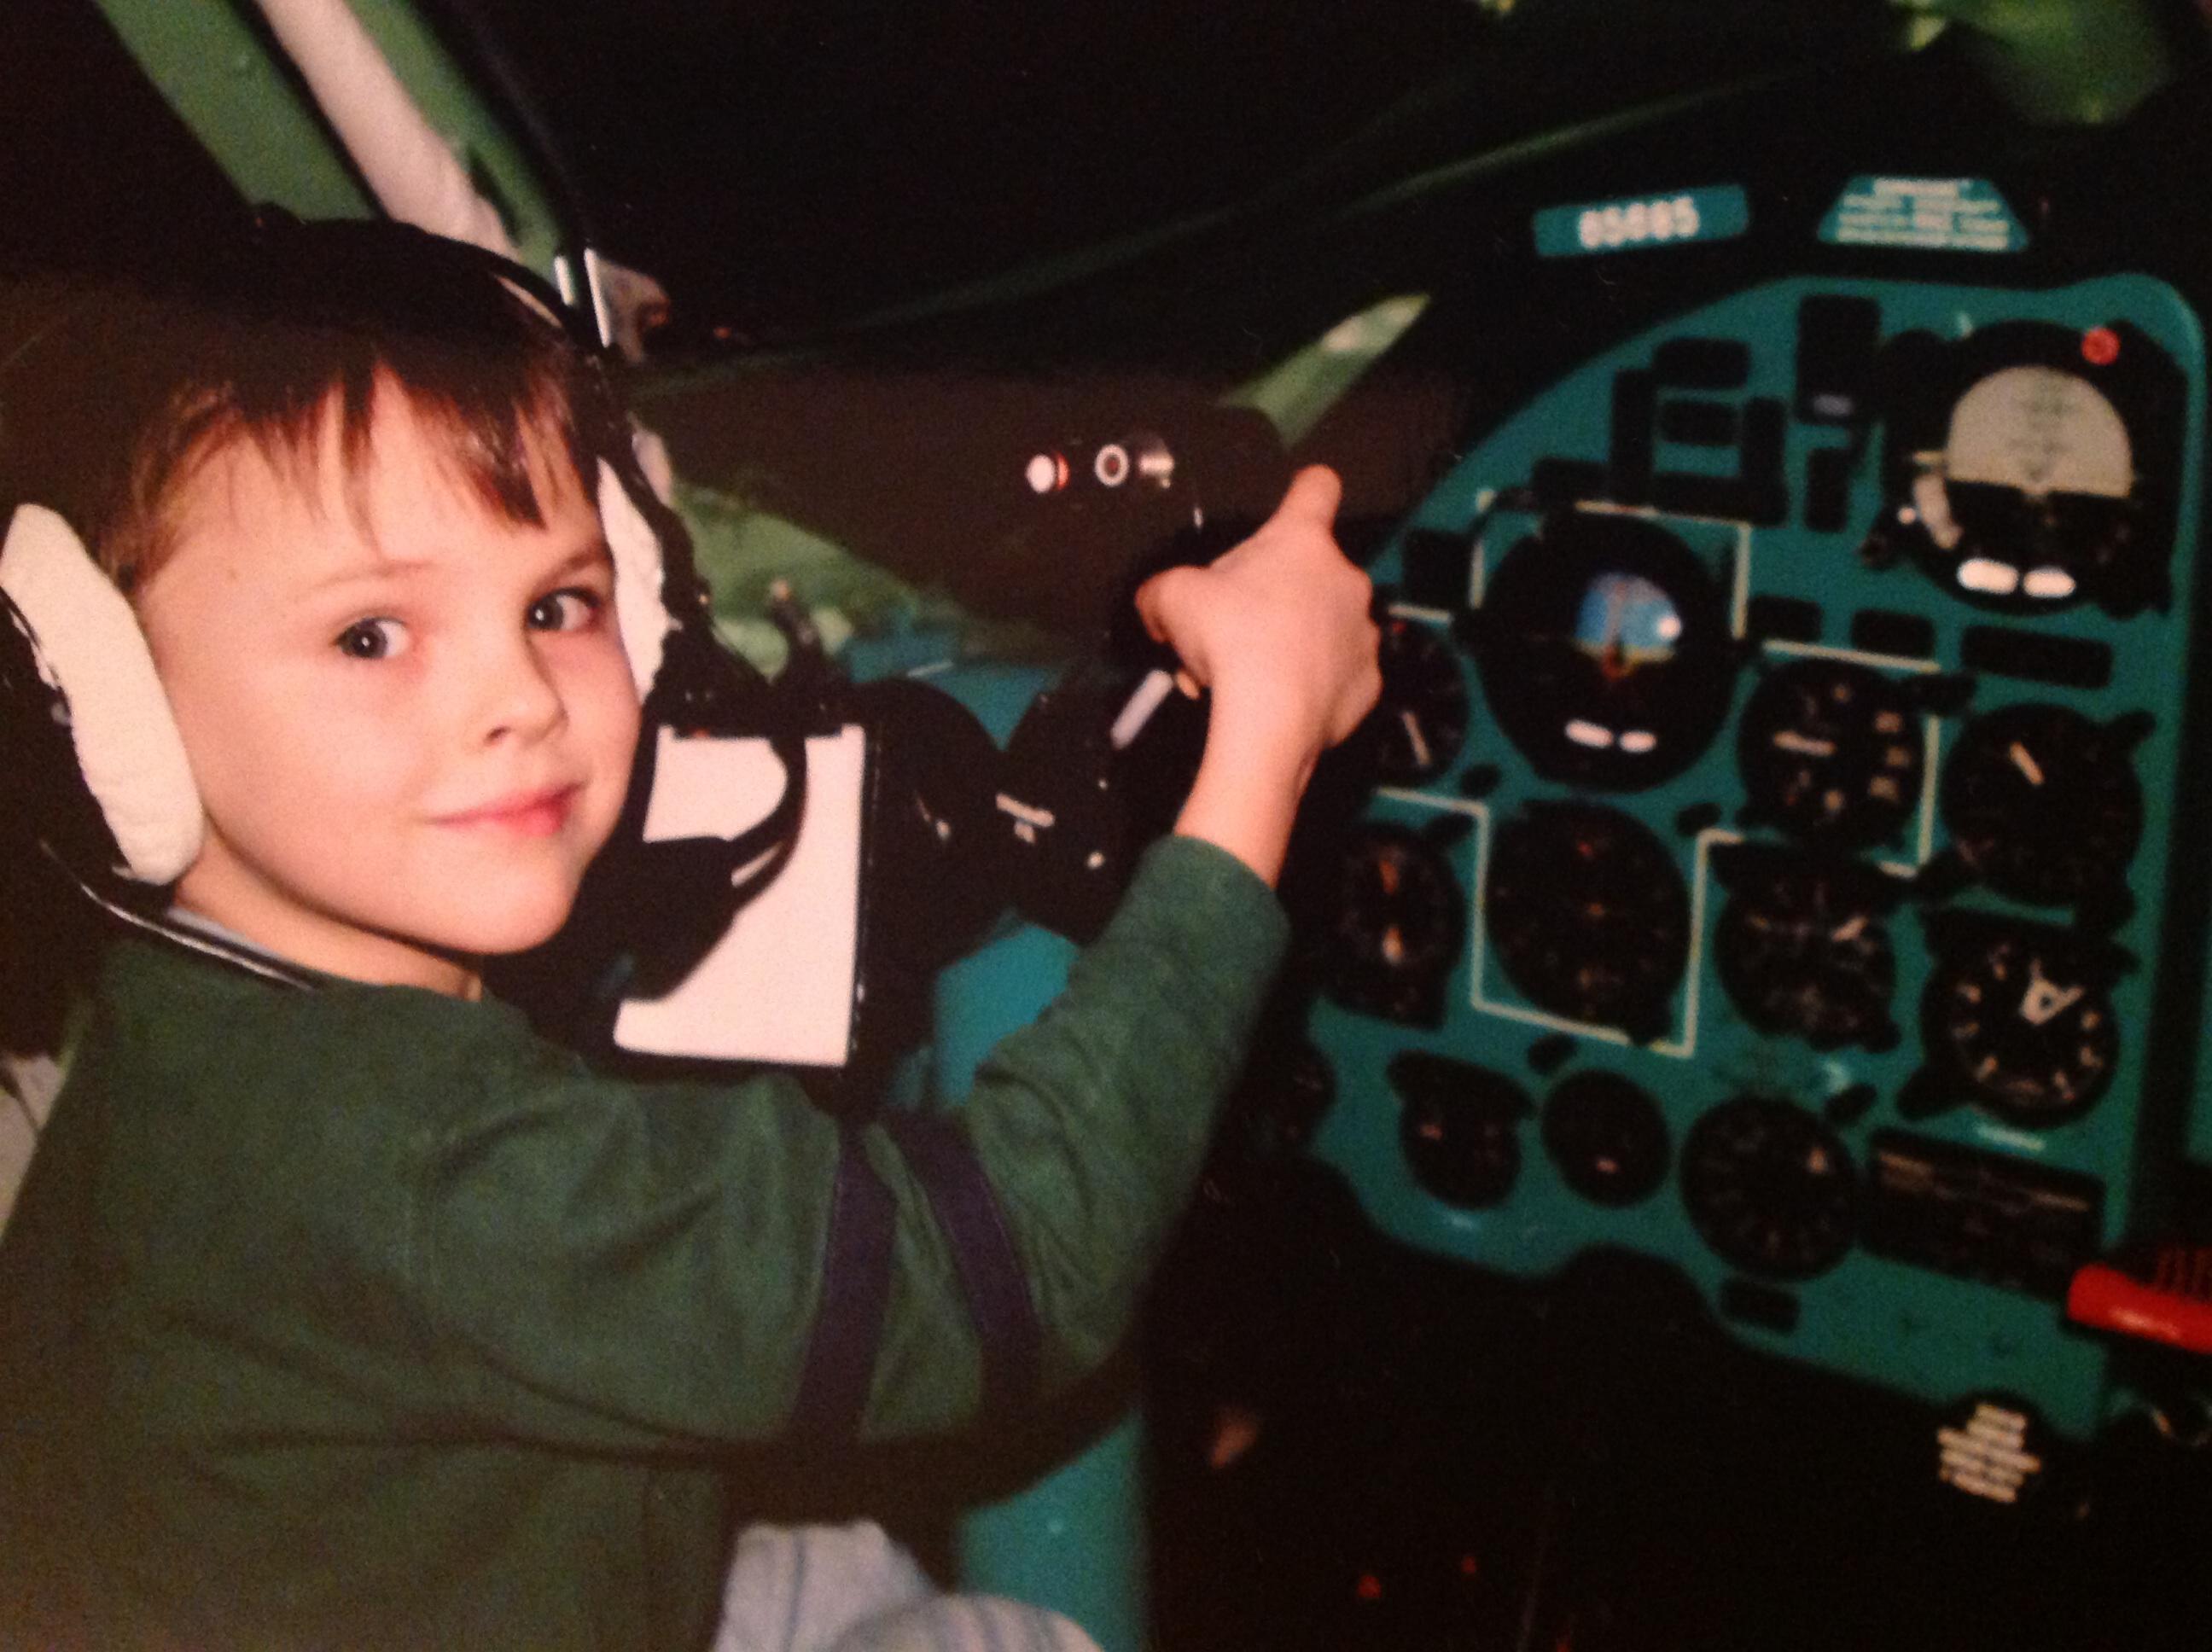 Я бы в летчики пошел, пусть меня научат .. Первым делом - самолеты!